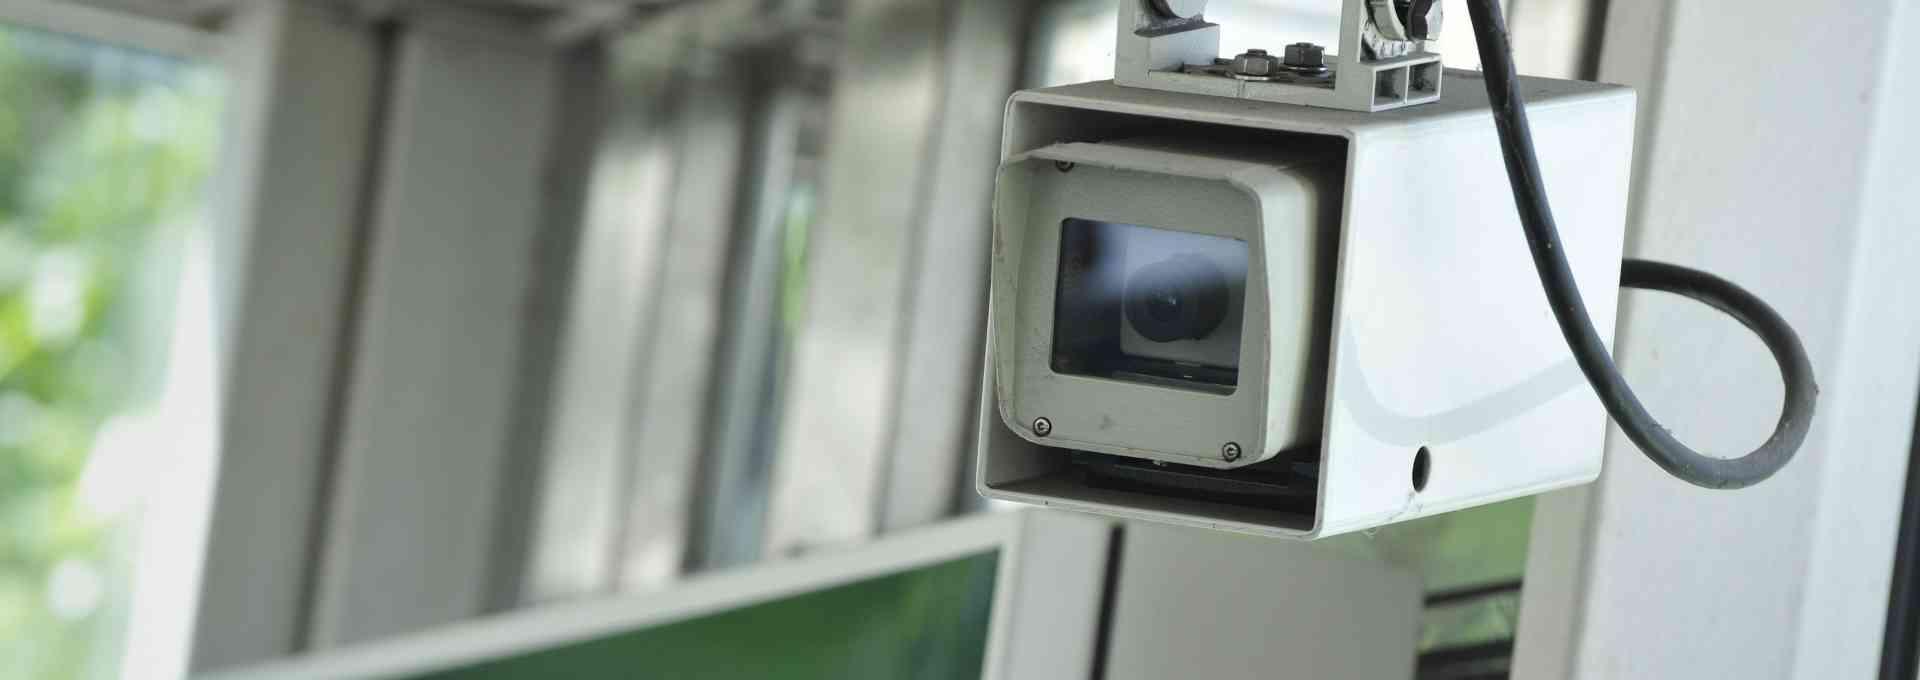 Rund 11.000 Kameras sorgen für Sicherheit in den Wiener Öffis.